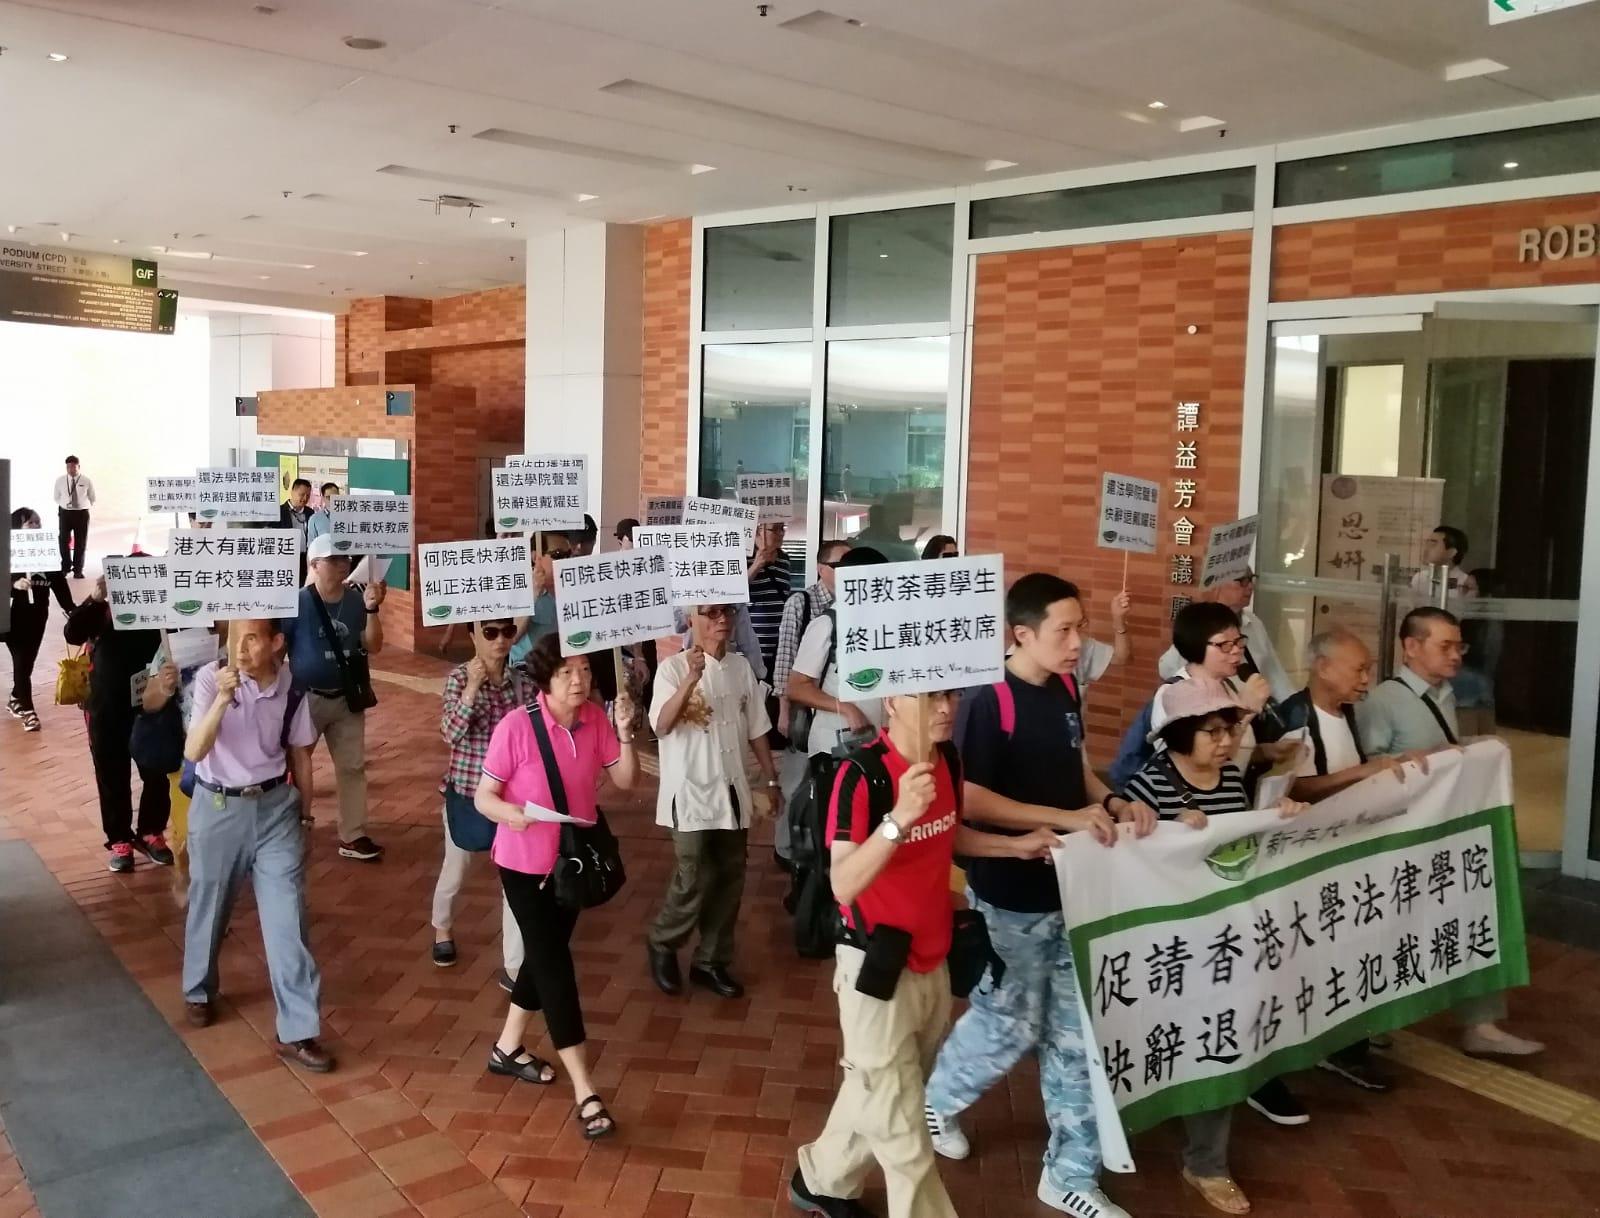 「新年代」主辦 : 「快辭退戴耀廷」遊行集會